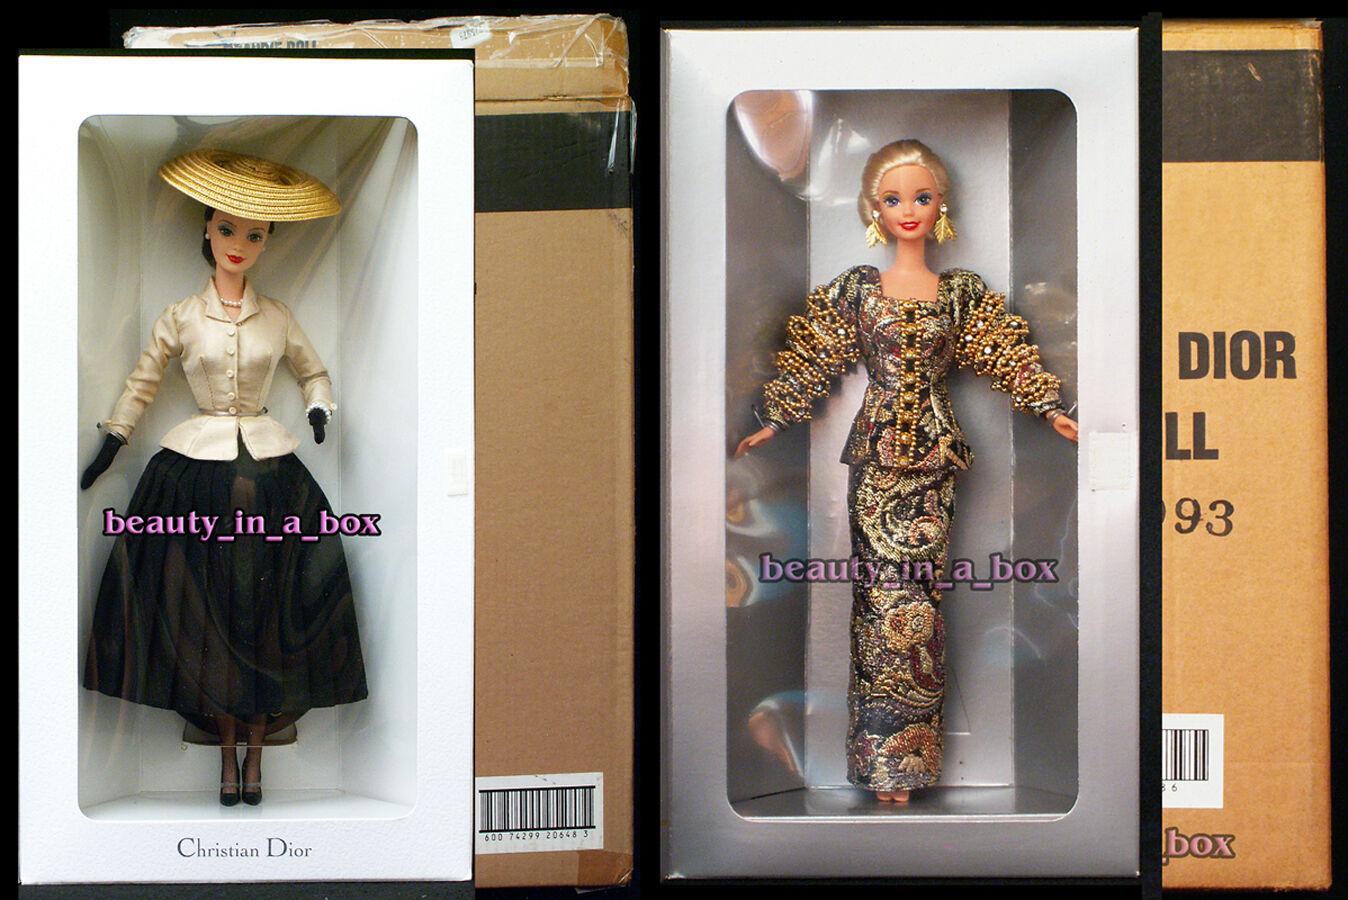 Muñeca Barbie Christian Dior diseñador de París 1995 y 1997 Mattel embarcador  Lote 2